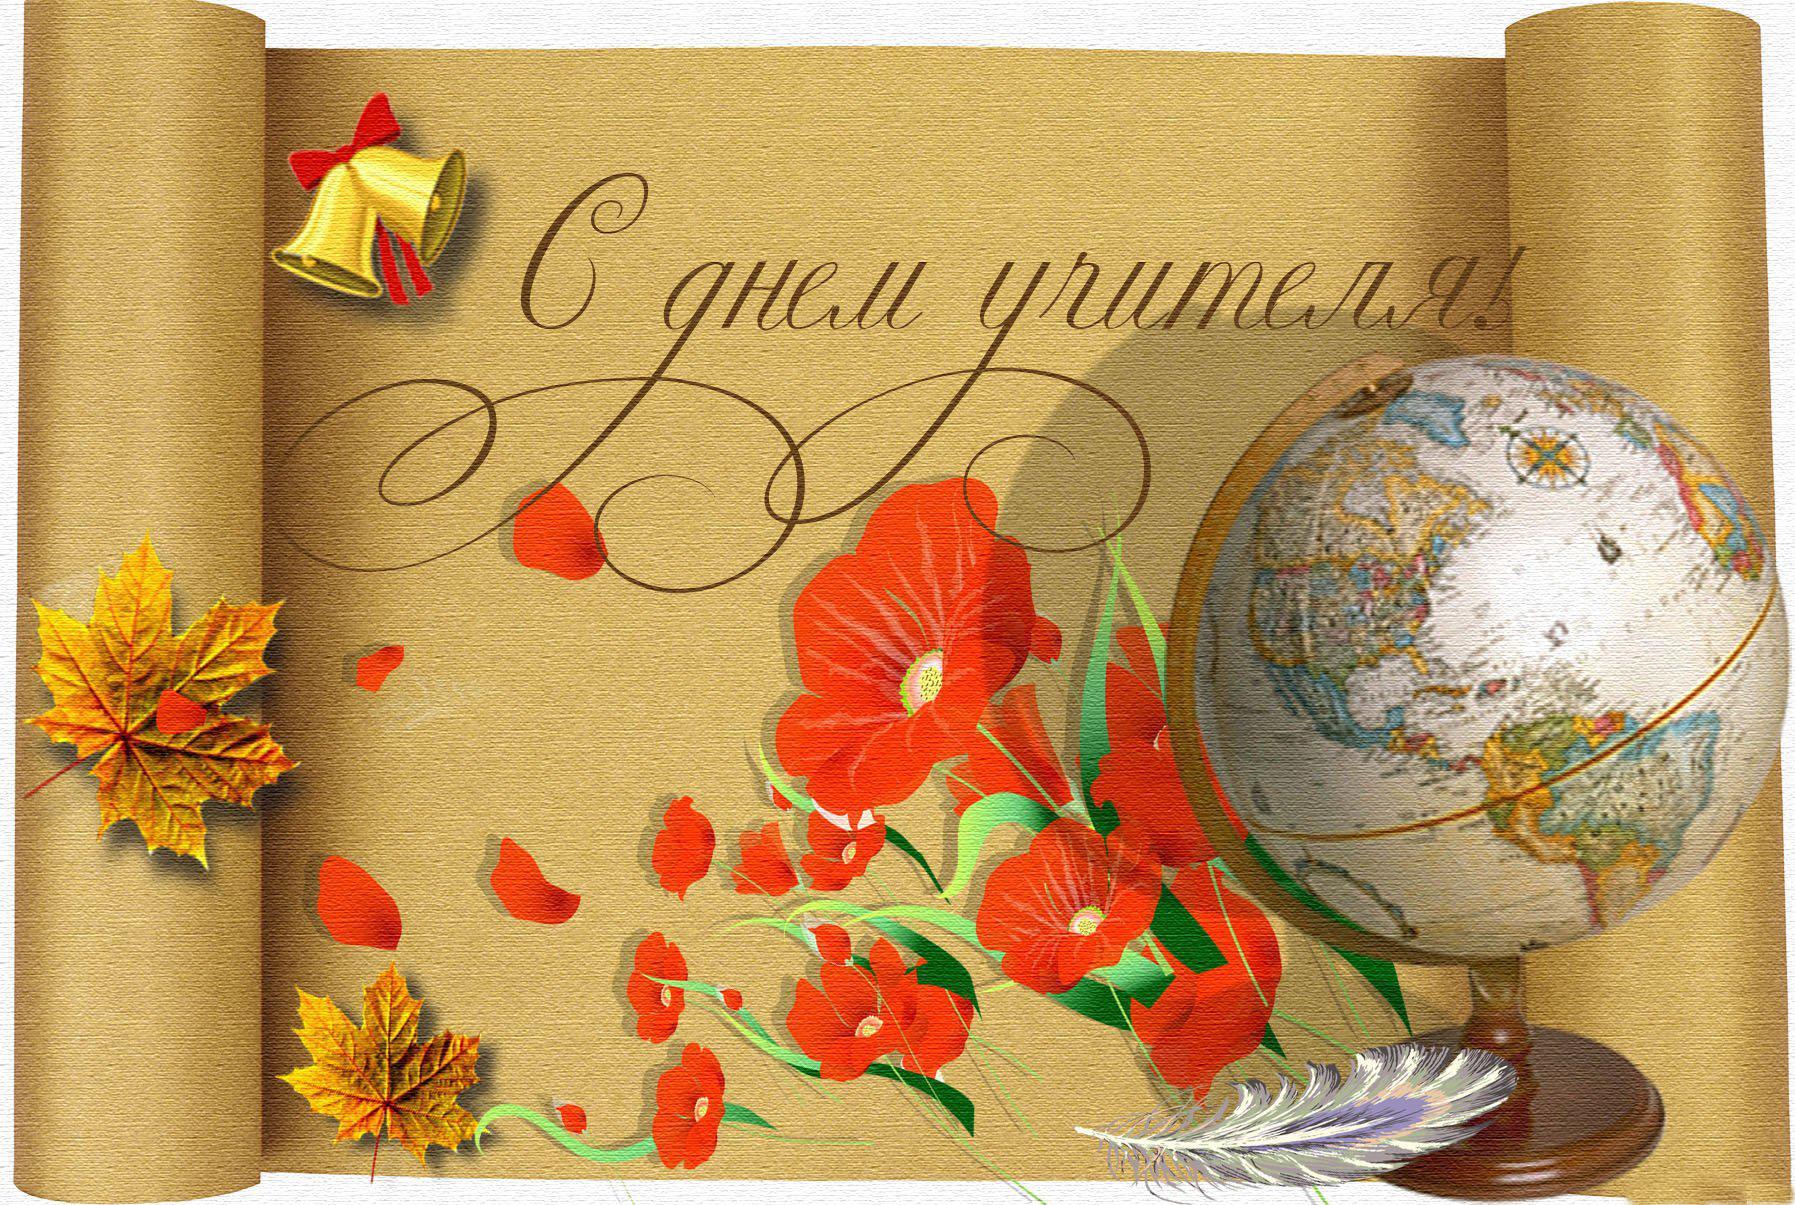 Фото Красивые открытки ко Дню учителя 5 октября – оригинальные поздравления для ватсап и вайбер 7